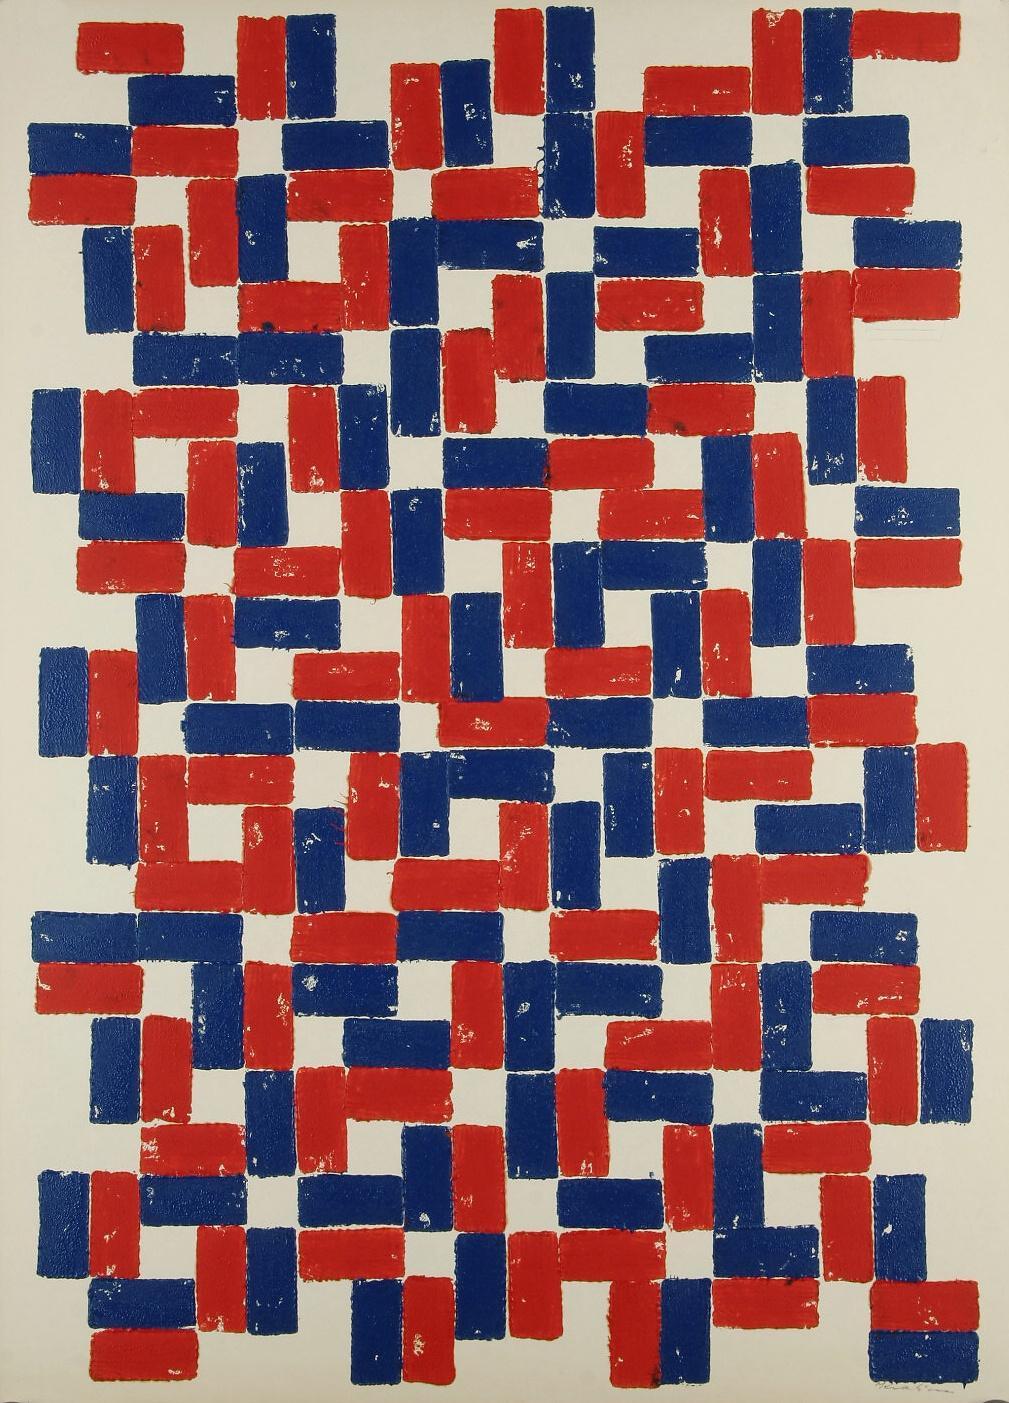 Z výstavy Geometrické struktury / Pocta Zdeňku Sýkorovi